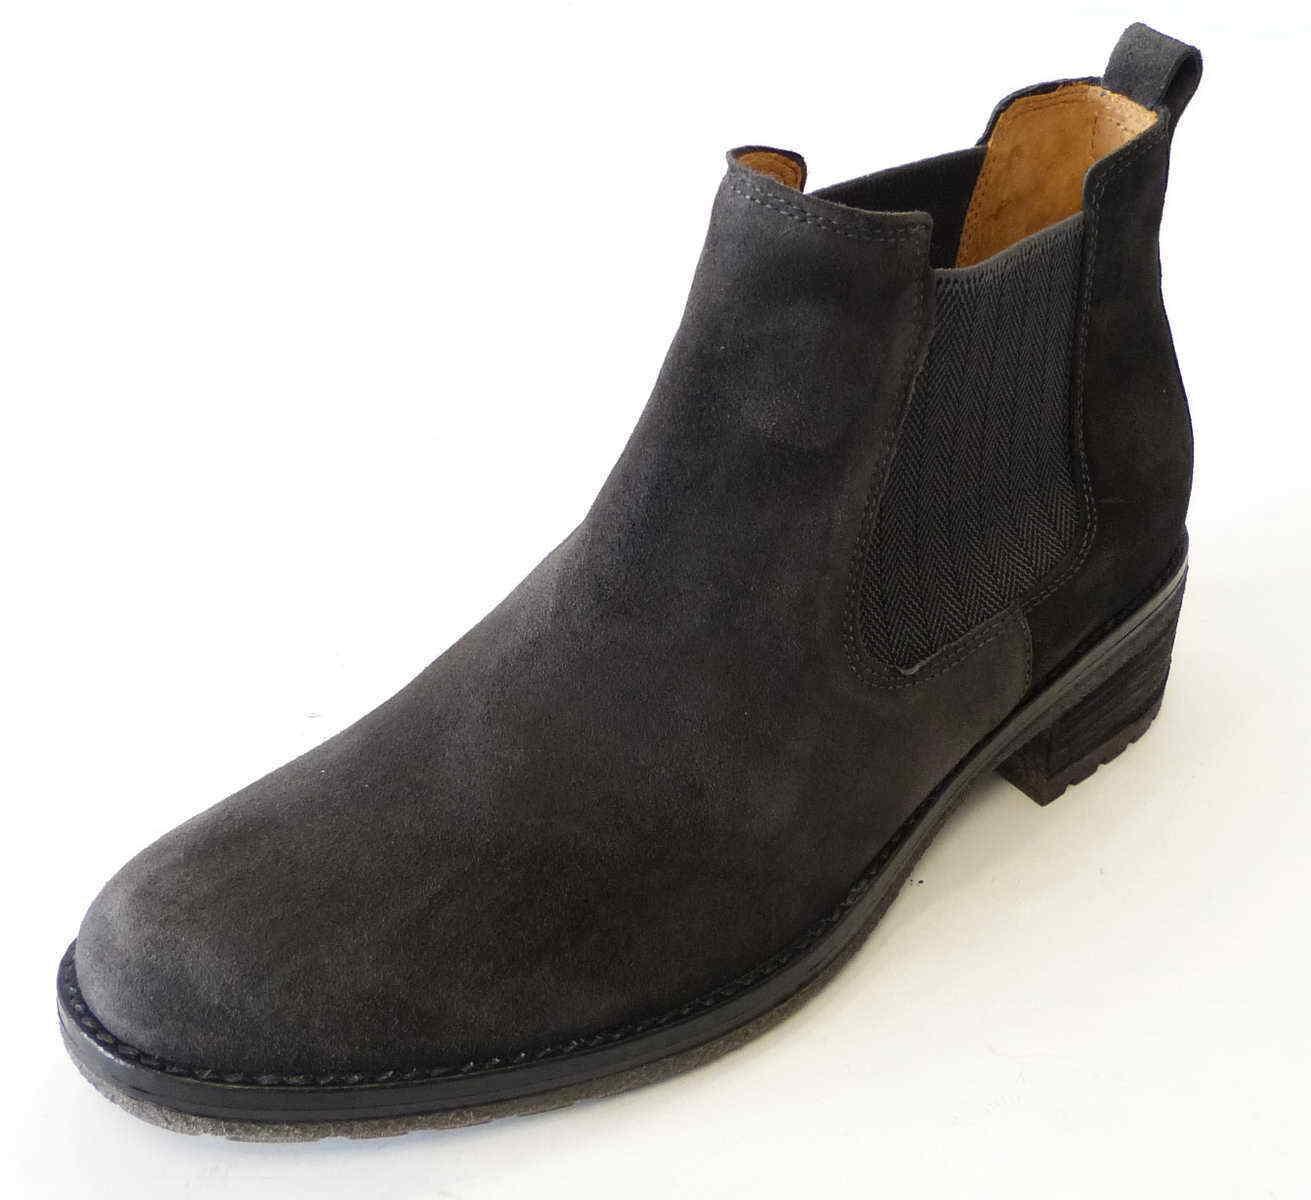 Gabor Stiefel & Stiefeletten grau Leder Damen Schuhe